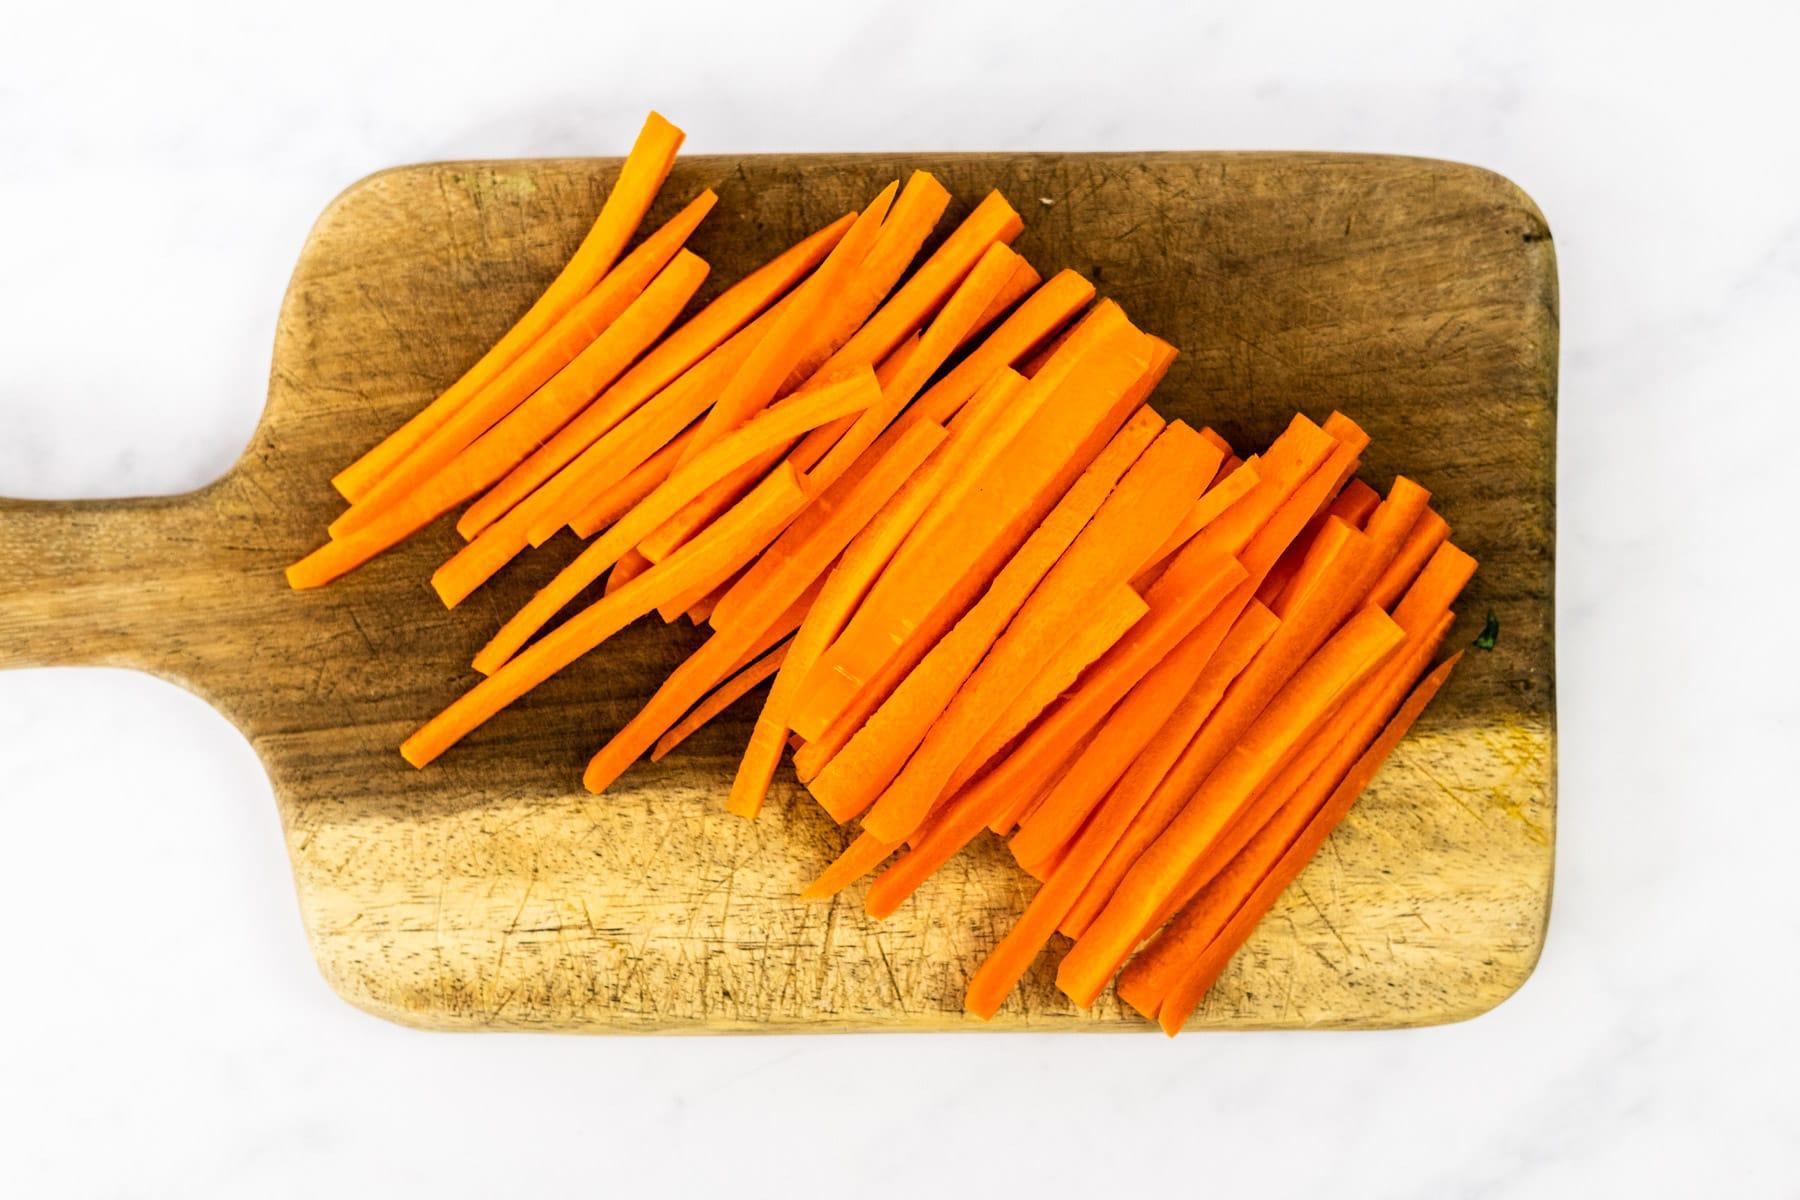 Carrot matchsticks on a cutting board.